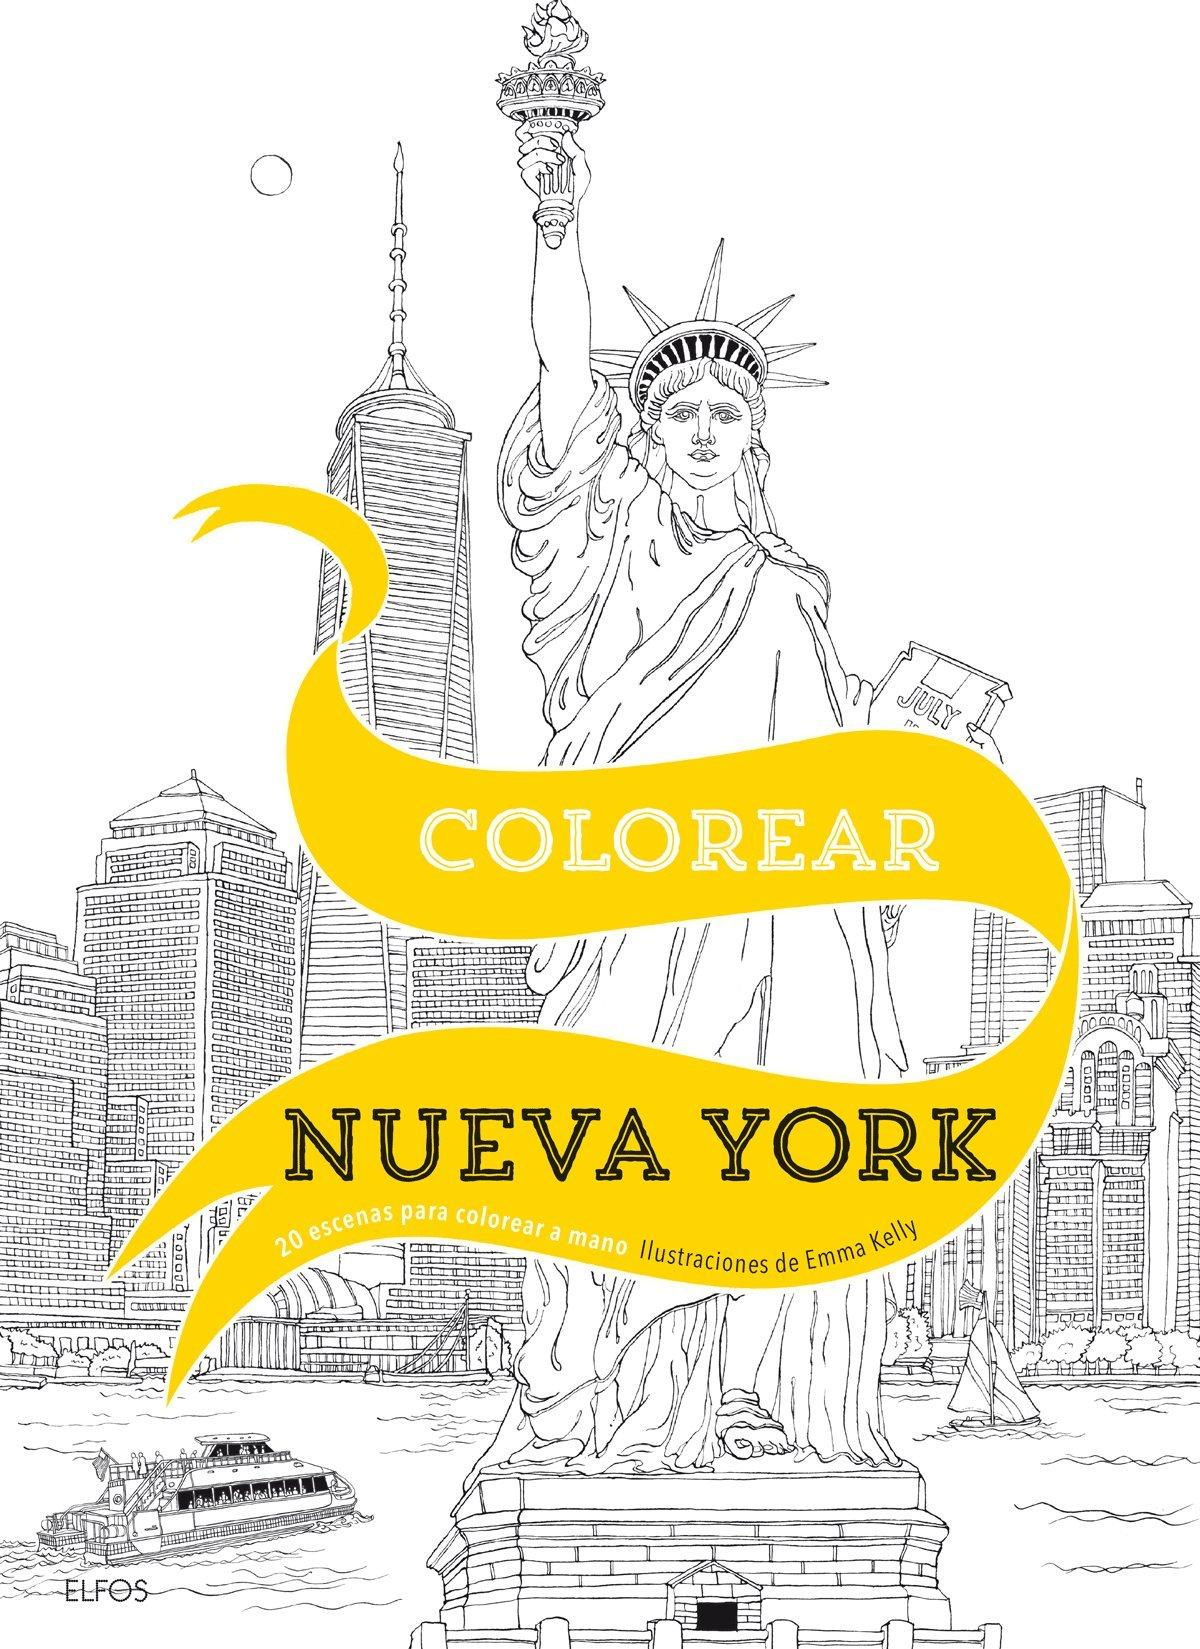 Colorear Nueva York: 20 escenas para colorear a mano: Amazon.es ...